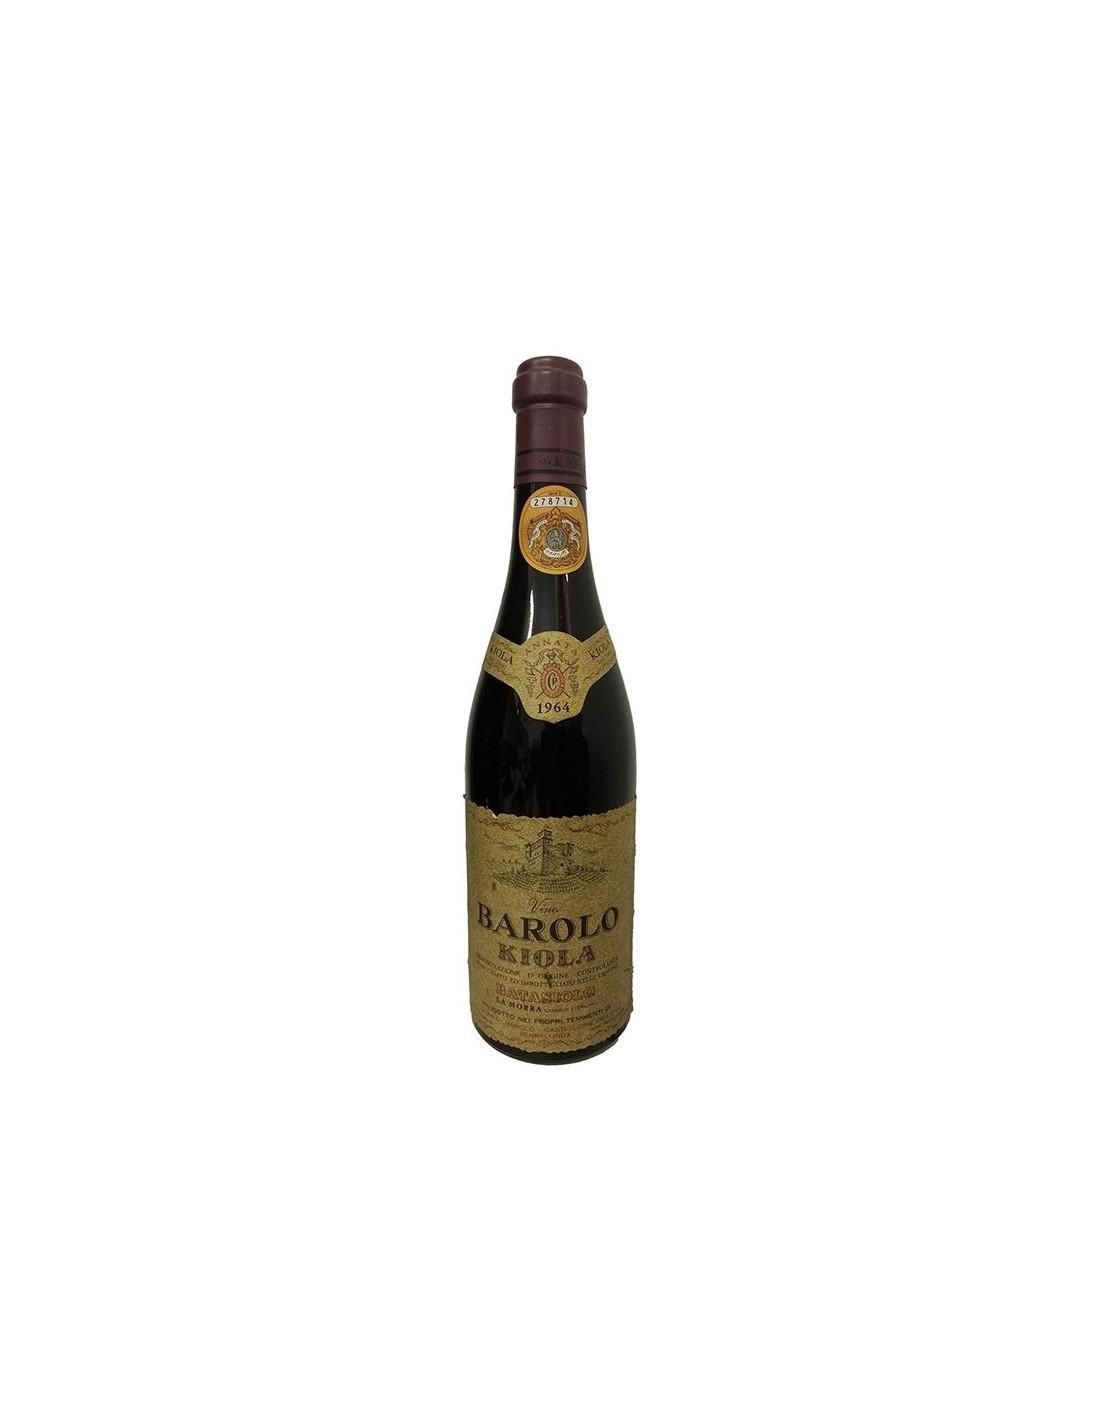 BAROLO 1964 KIOLA Grandi Bottiglie